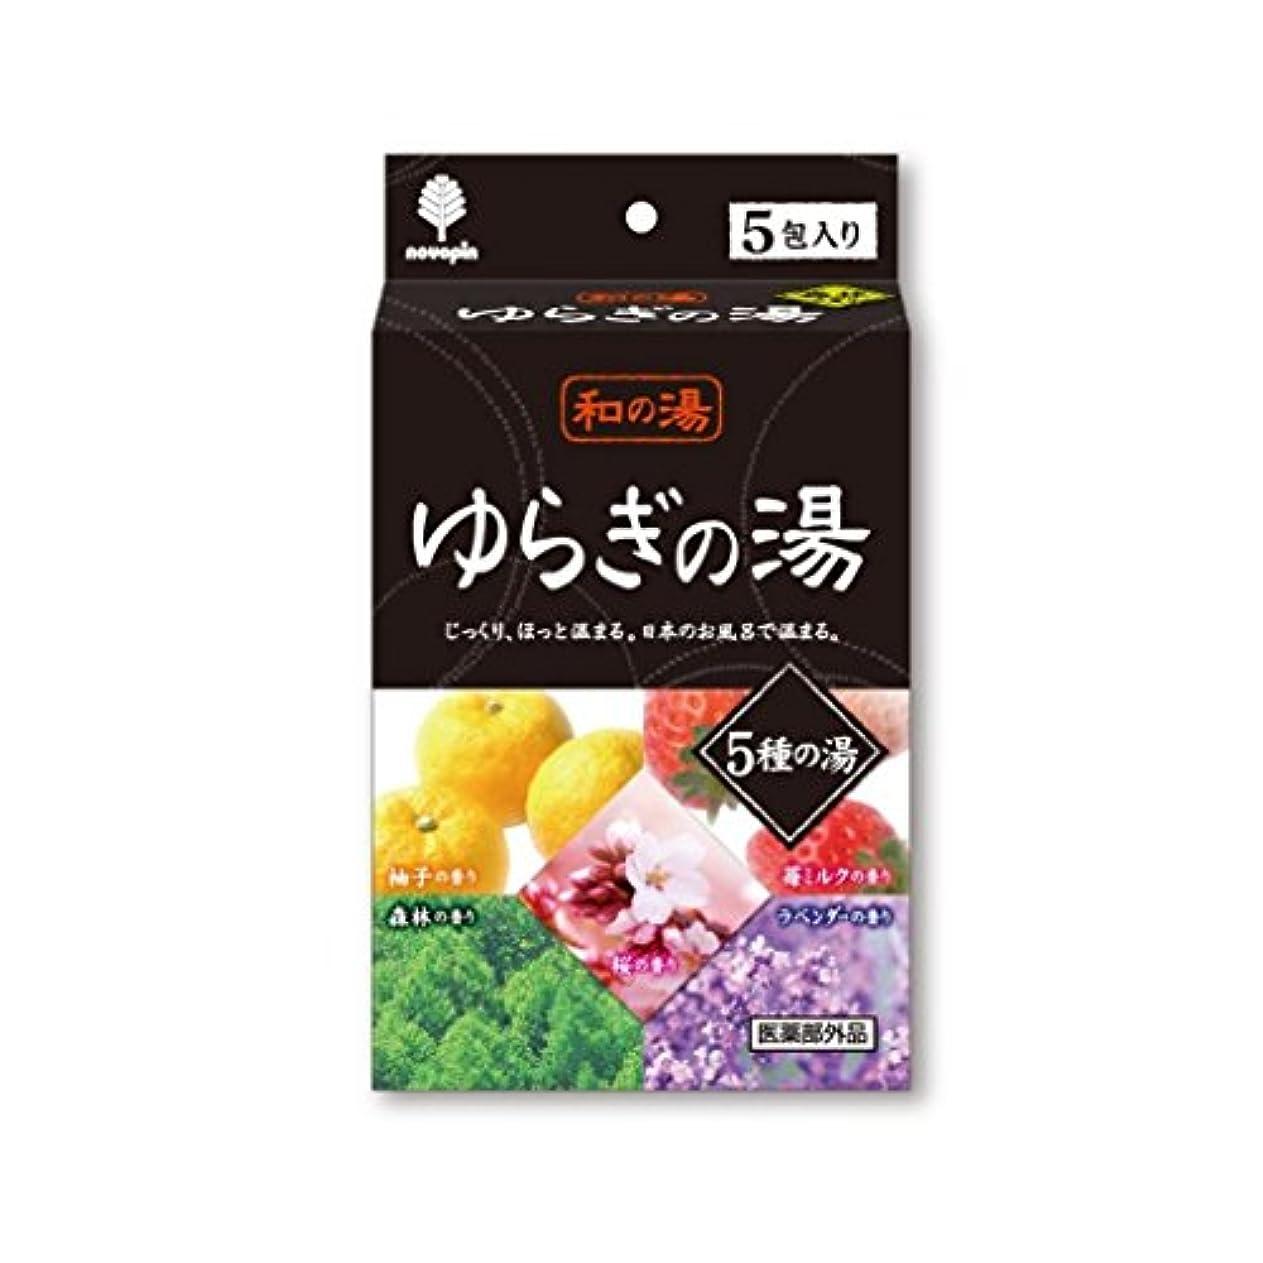 大いにテレマコス思慮のない紀陽除虫菊 日本製 Japan 和の湯 ゆらぎの湯 5種の湯 25g×5包入 【まとめ買い10個セット】